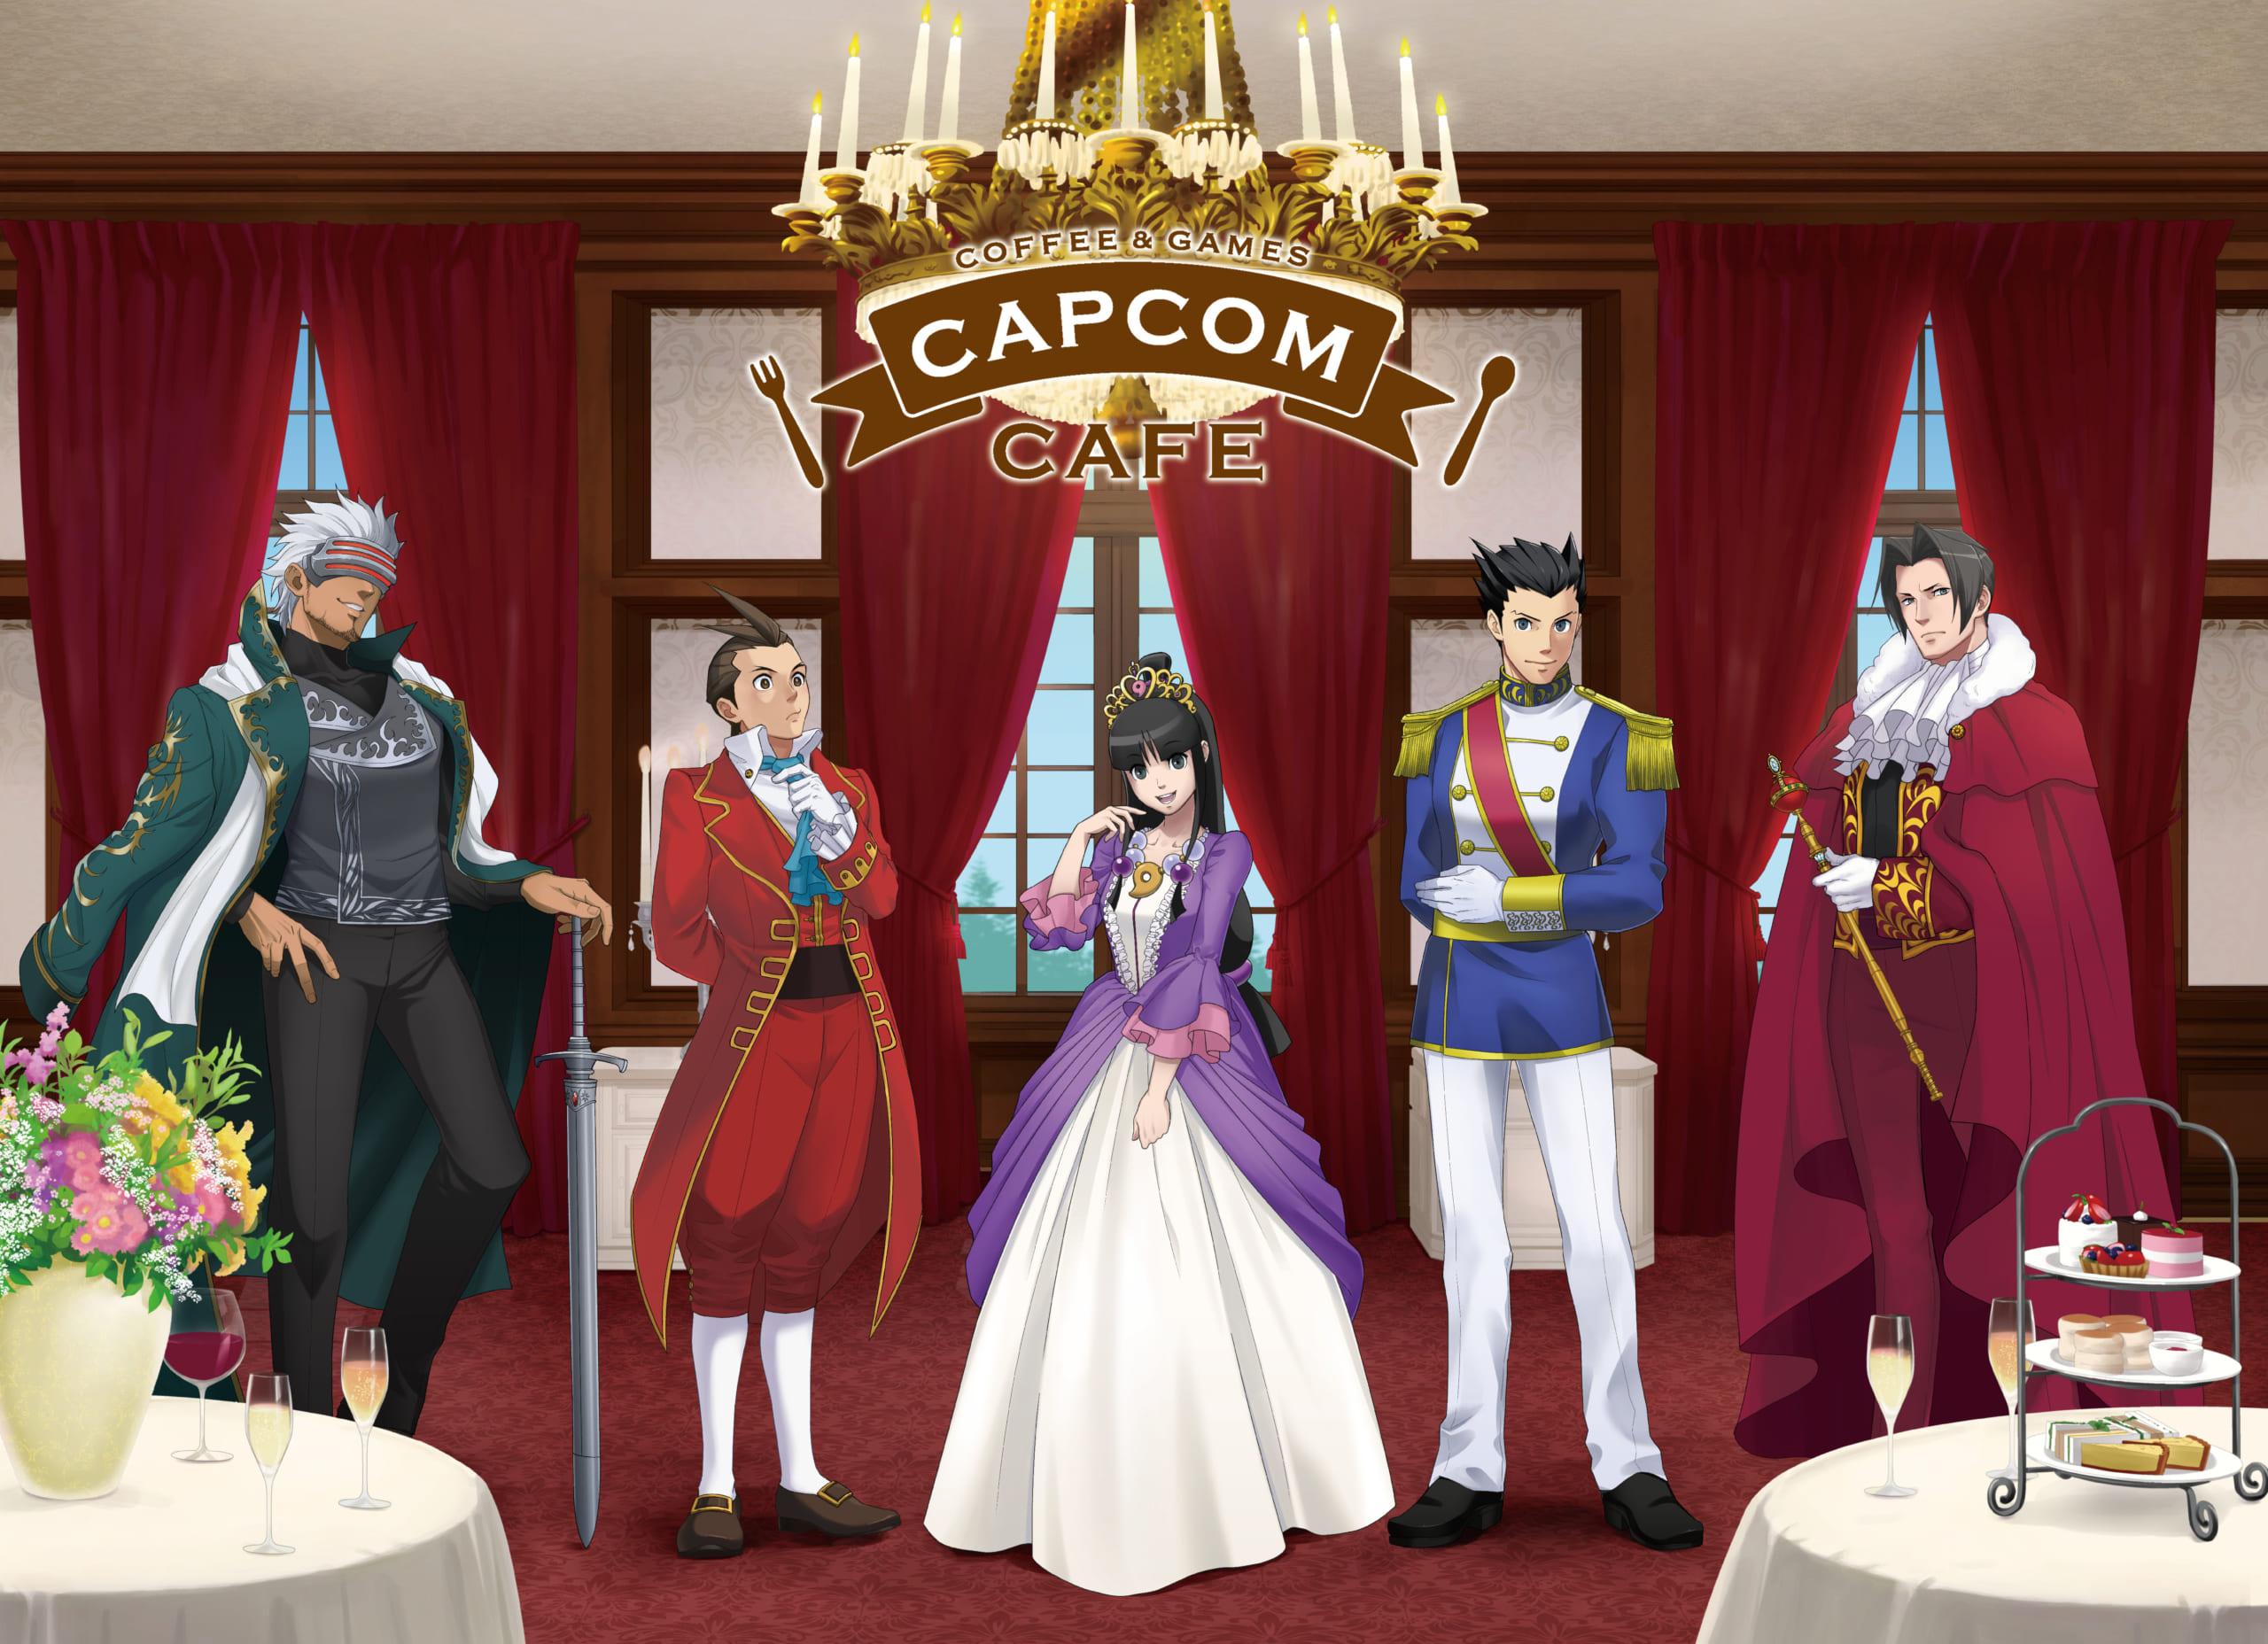 「逆転裁判」×「カプコンカフェ」コラボ決定!成歩堂龍一らが王室風の衣装を身にまとったメインビジュアル解禁